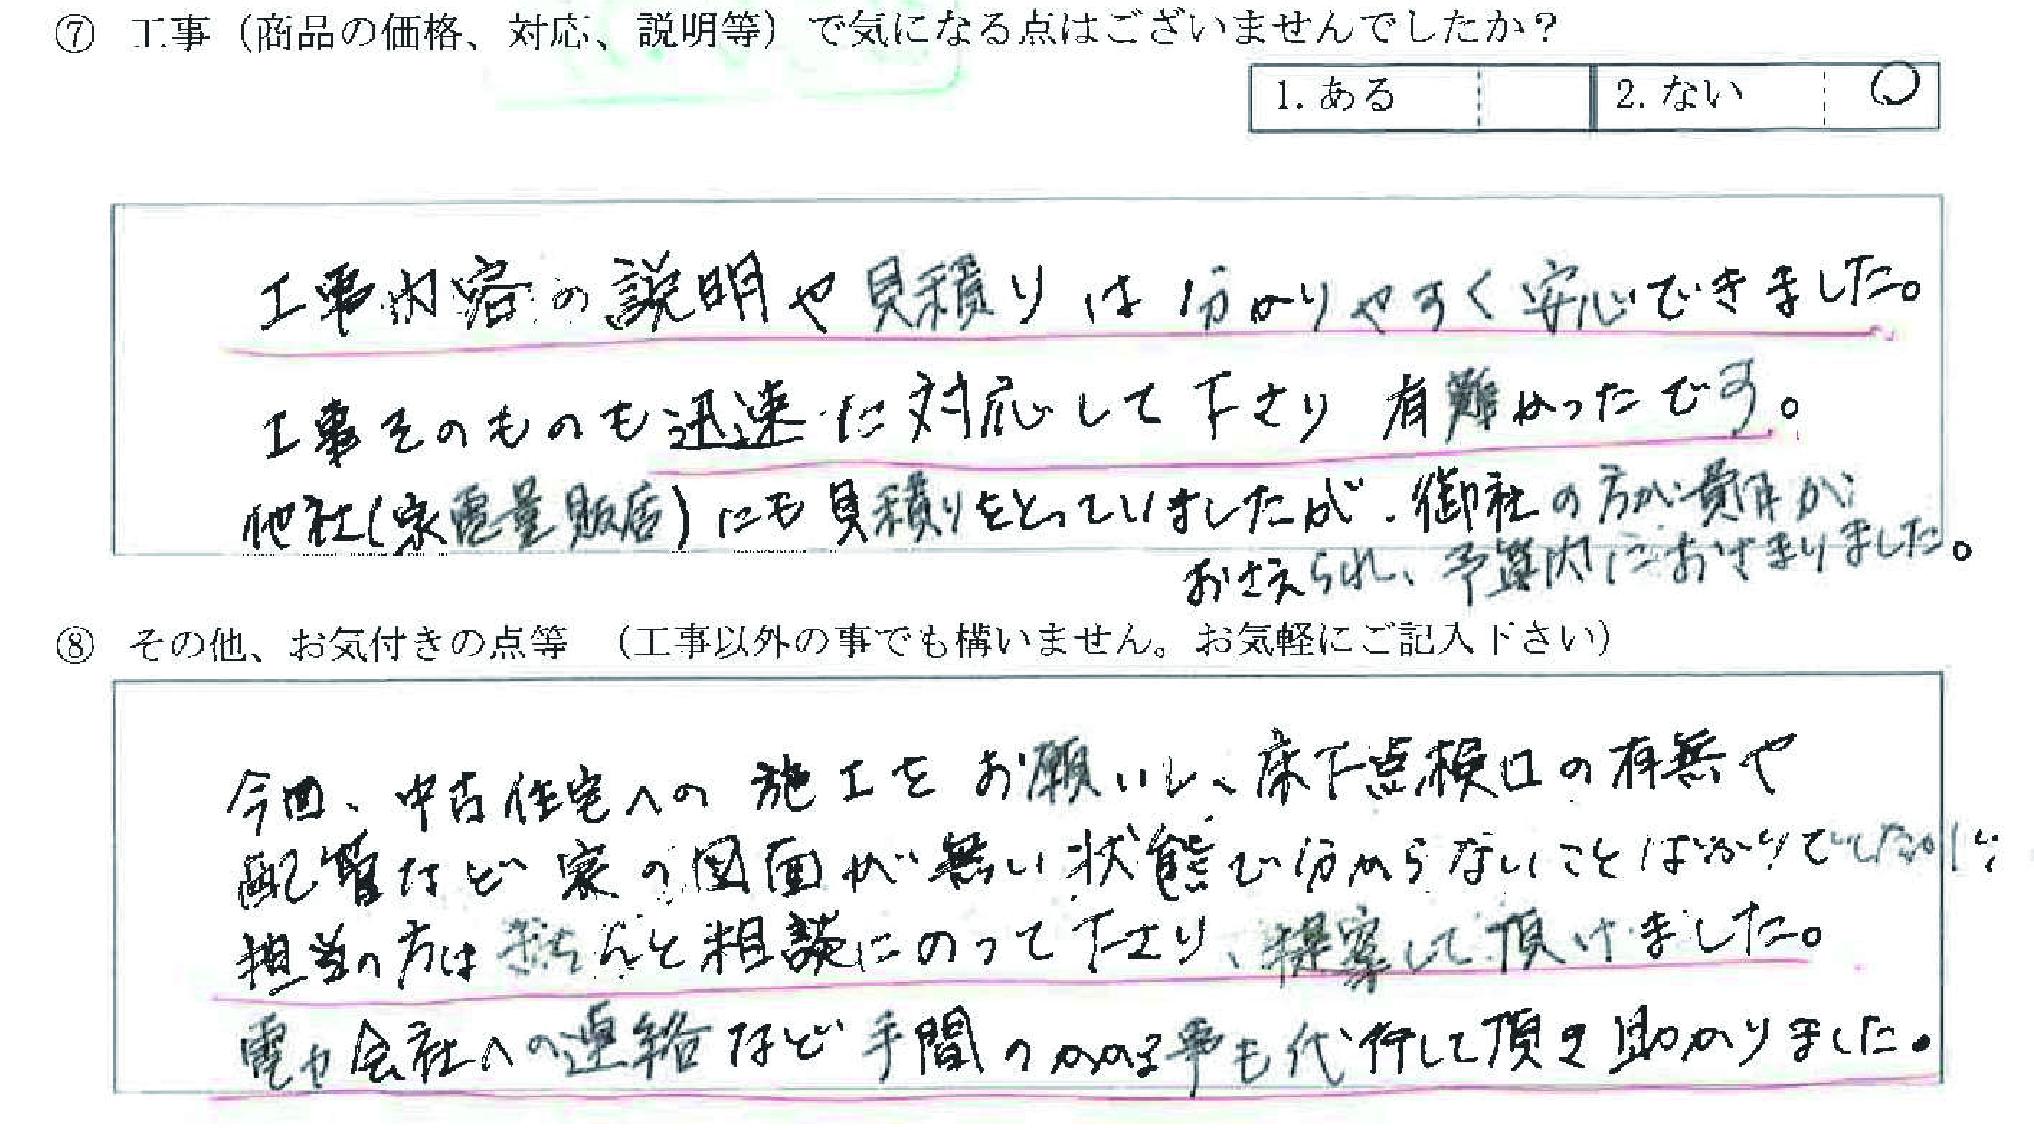 富山県魚津市H様に頂いたエコキュート・IH設置工事についてのお気づきの点がありましたら、お聞かせ下さい。というご質問について「エコキュート・IH設置工事【お喜びの声】」というお声についての画像